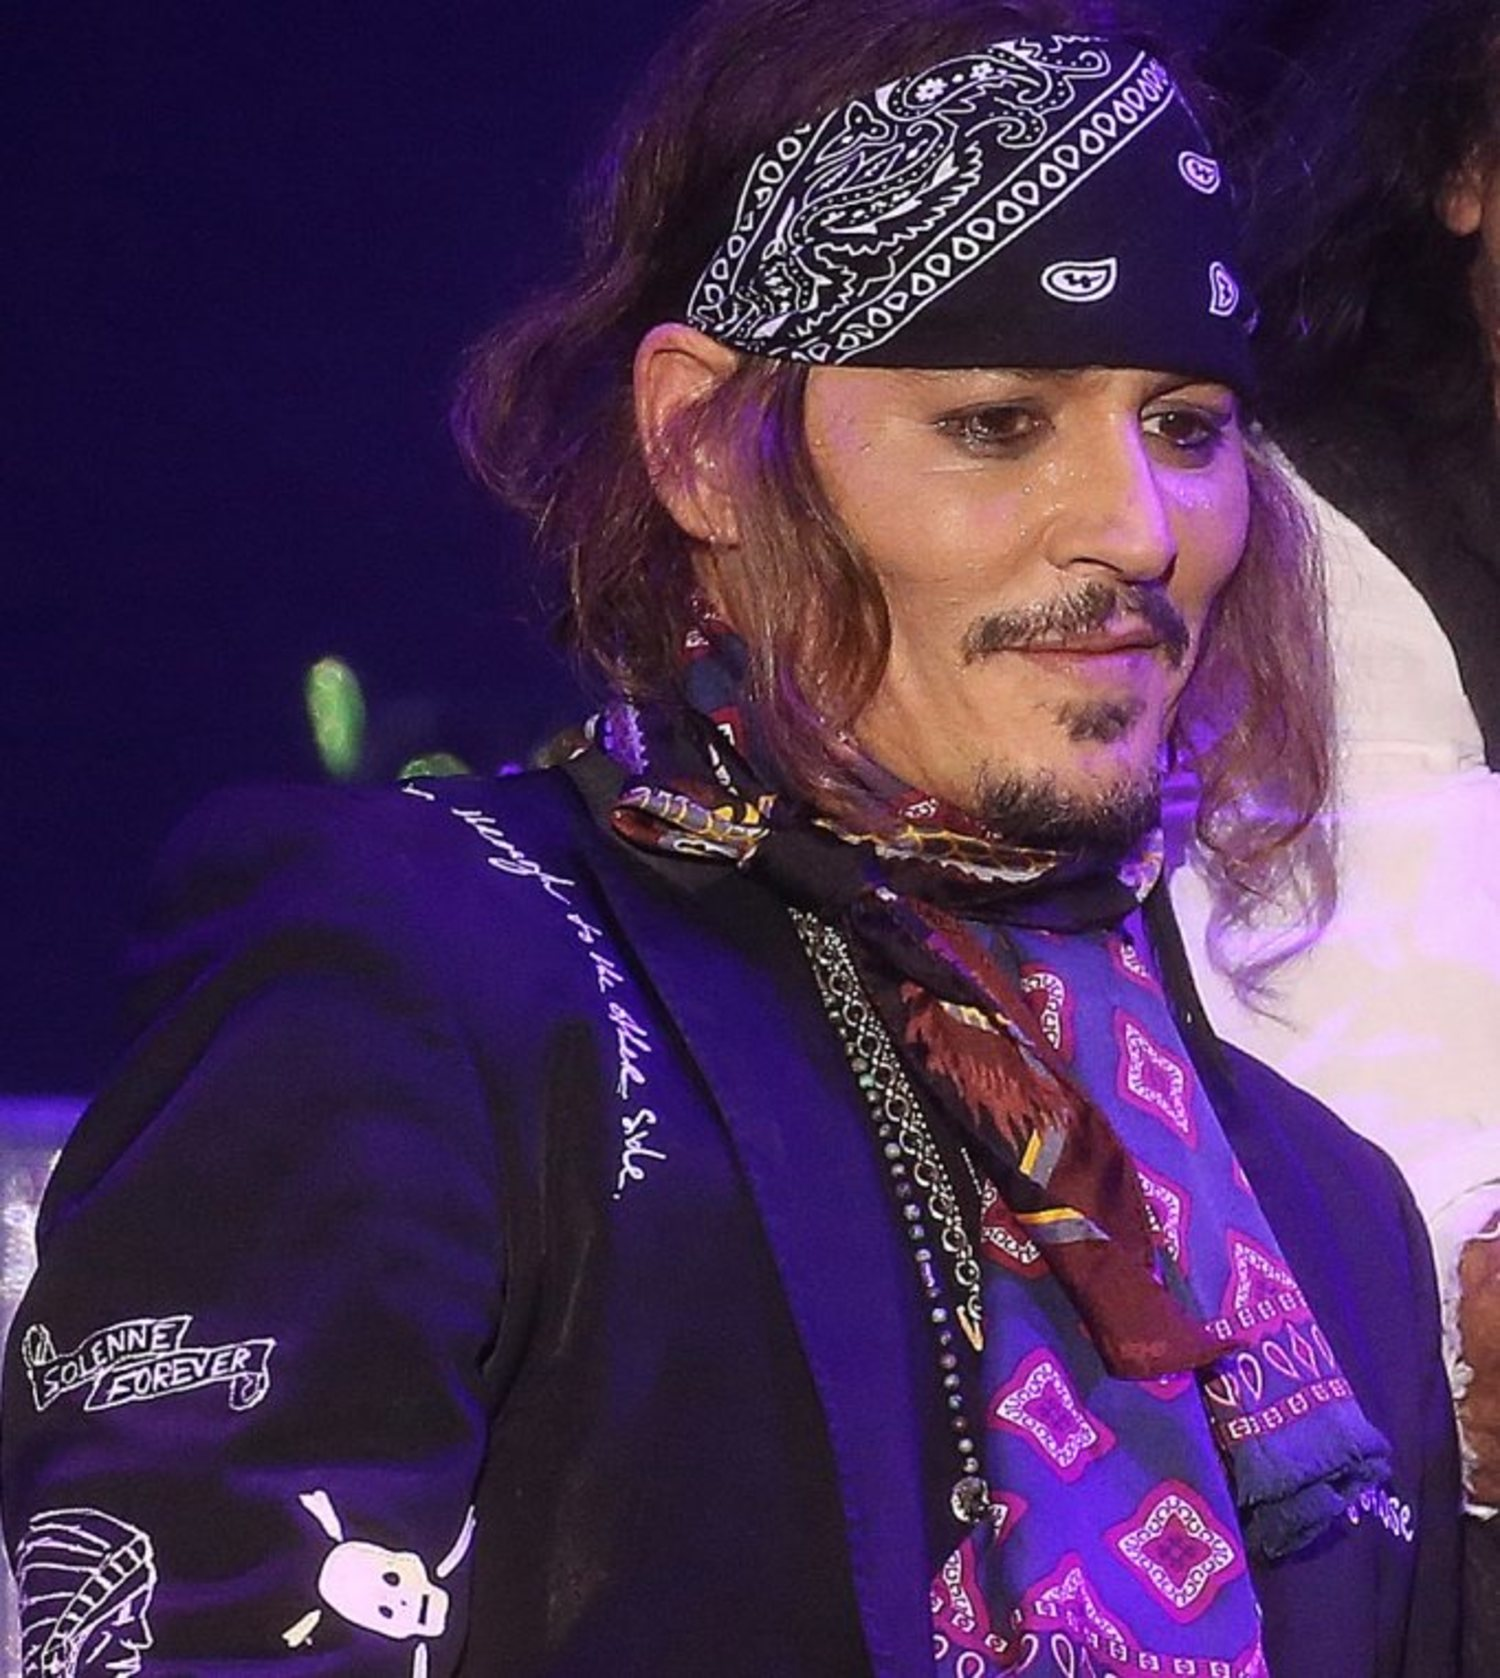 Johny Depp, durante una actuación musical, con su icónica perilla roya